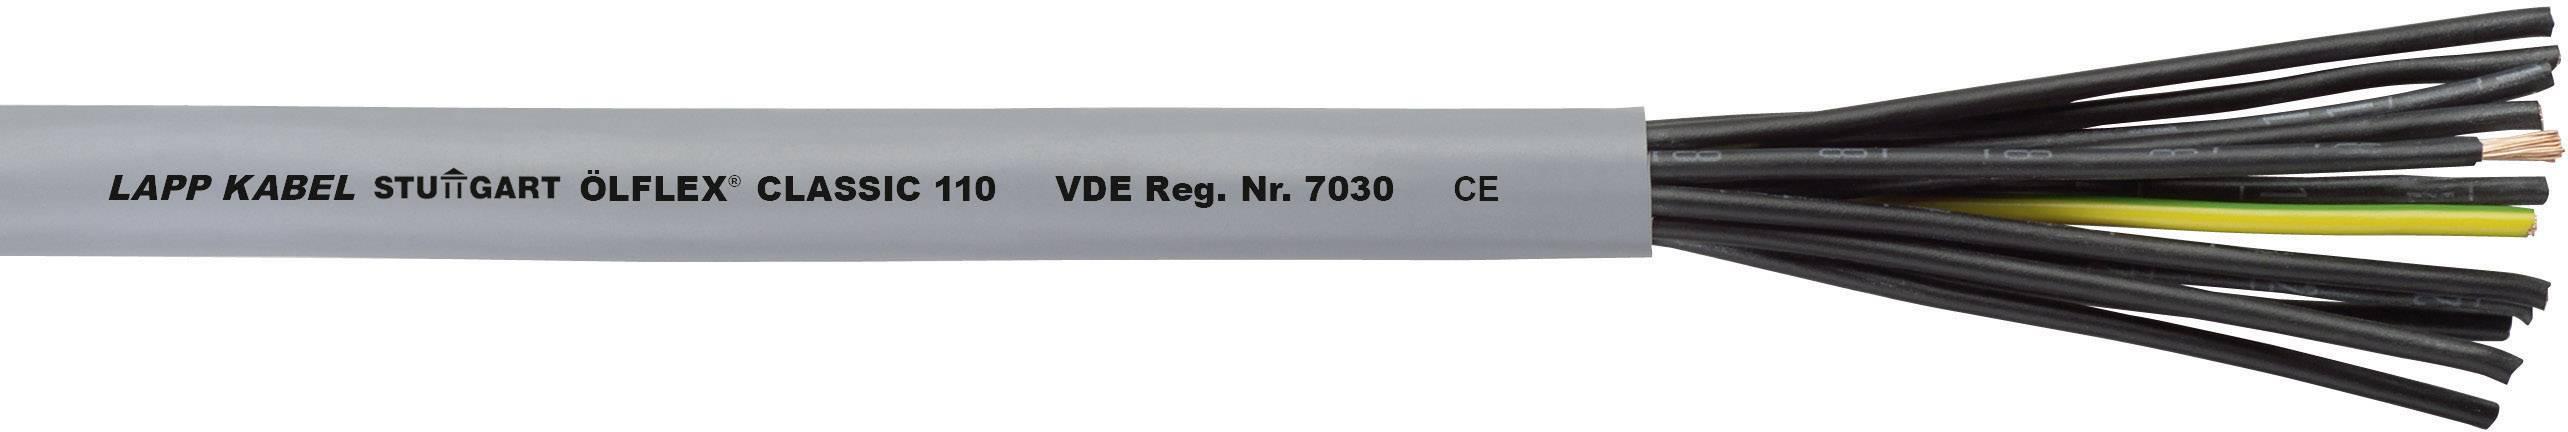 Riadiaci kábel LAPP ÖLFLEX® CLASSIC 110 1119125, 25 G 0.75 mm², vonkajší Ø 13.80 mm, 500 V, metrový tovar, sivá